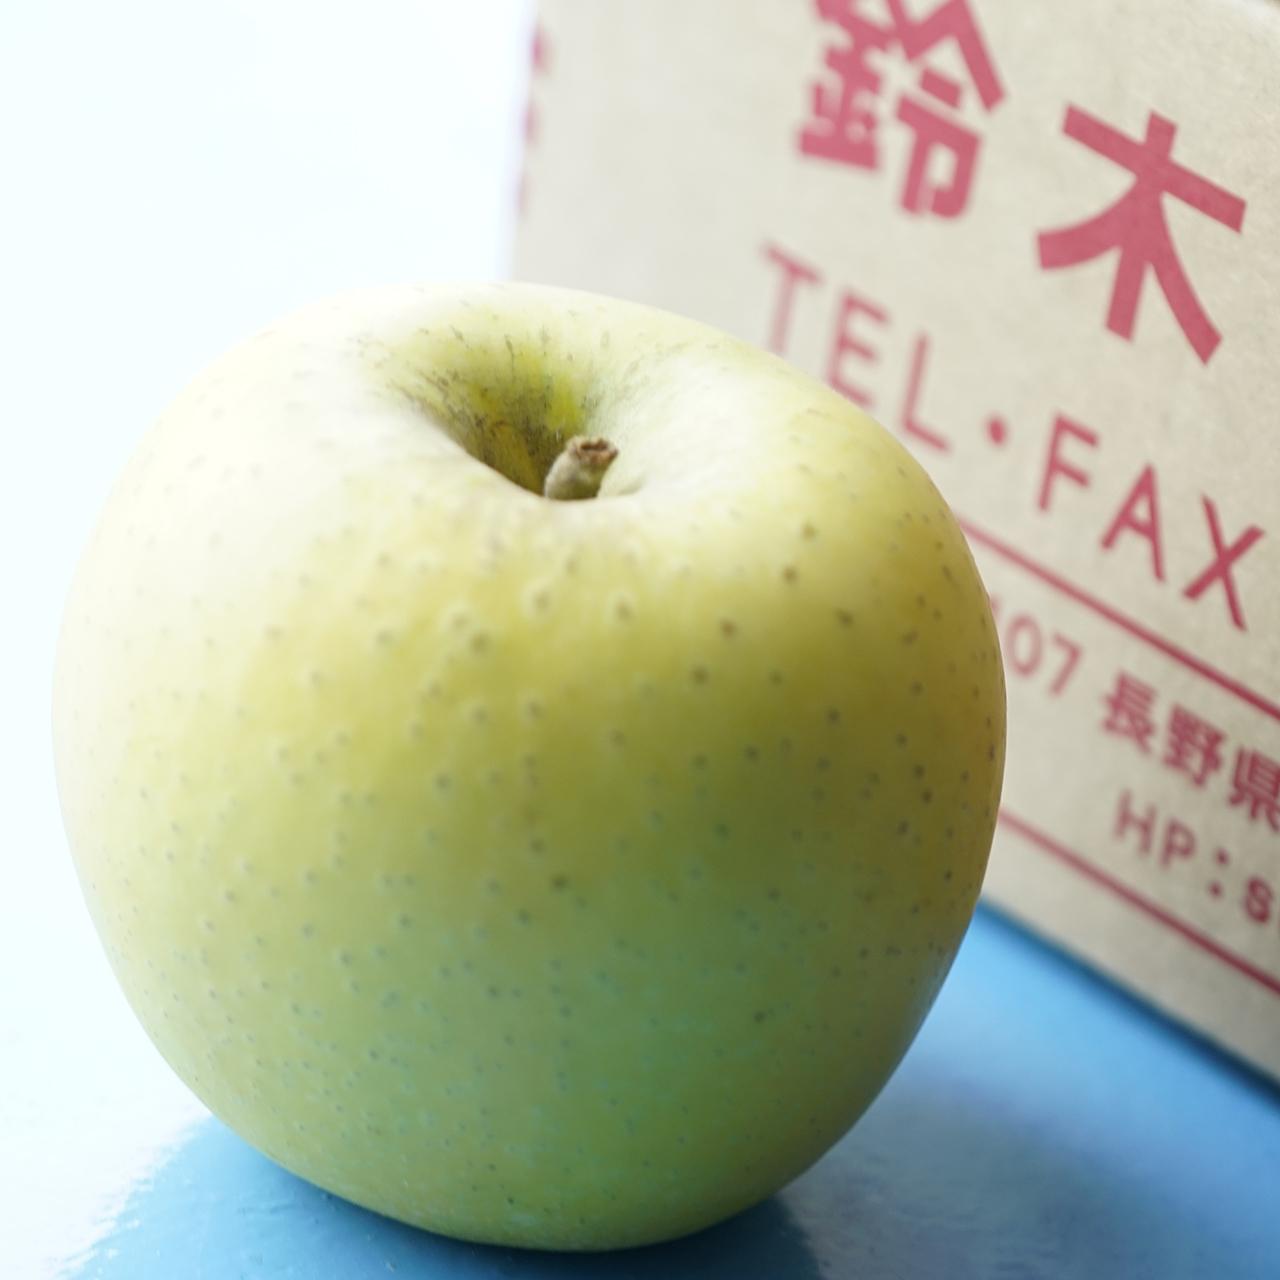 鈴木りんごco./シナノゴールド5kg【信州の環境にやさしい農産物50】認定農園